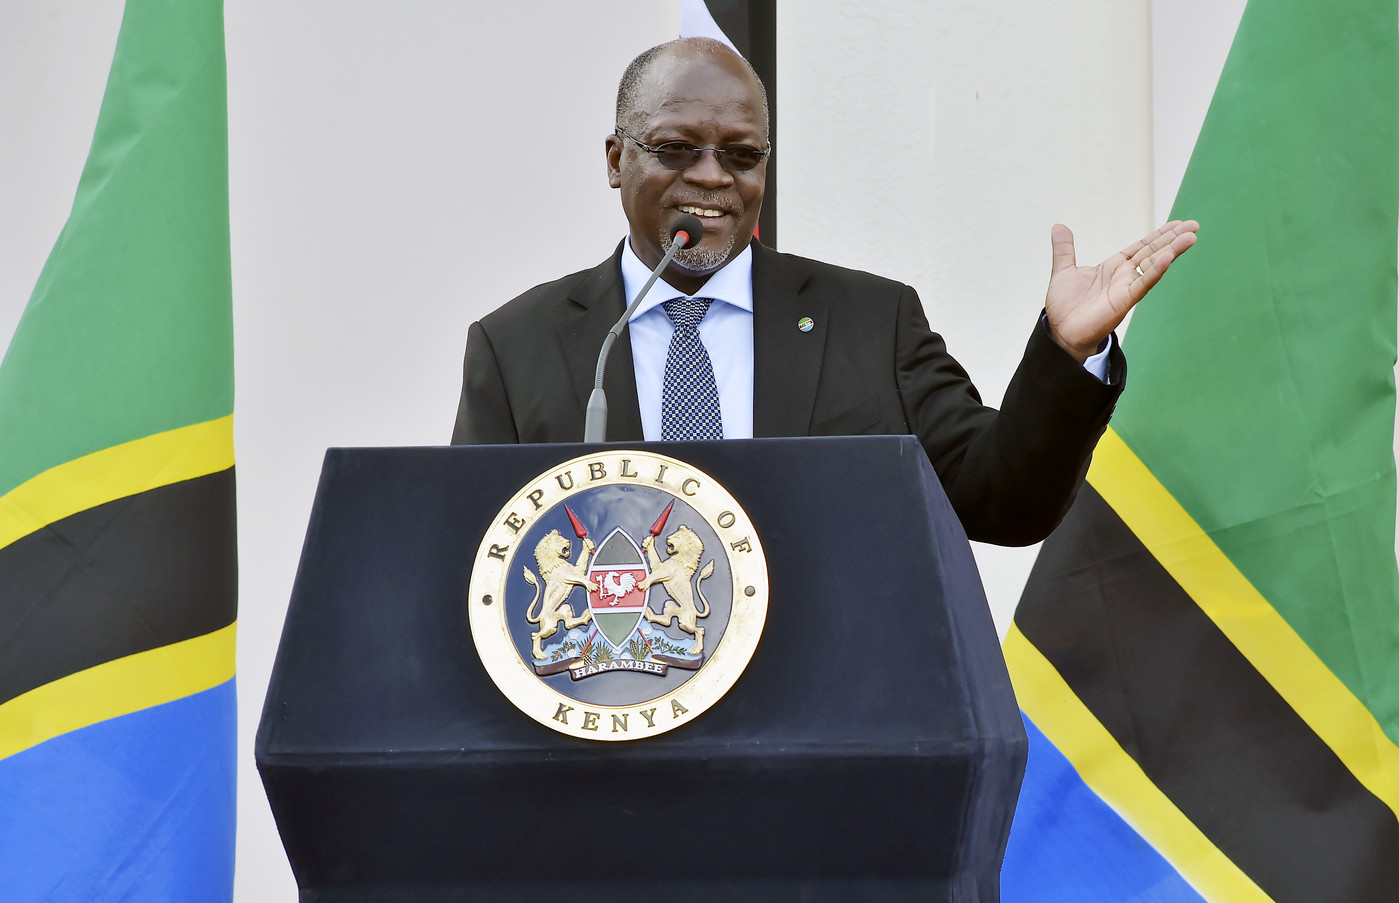 tanzanie:-le-president-john-magufuli-est-mort-a-l'age-de-61-ans